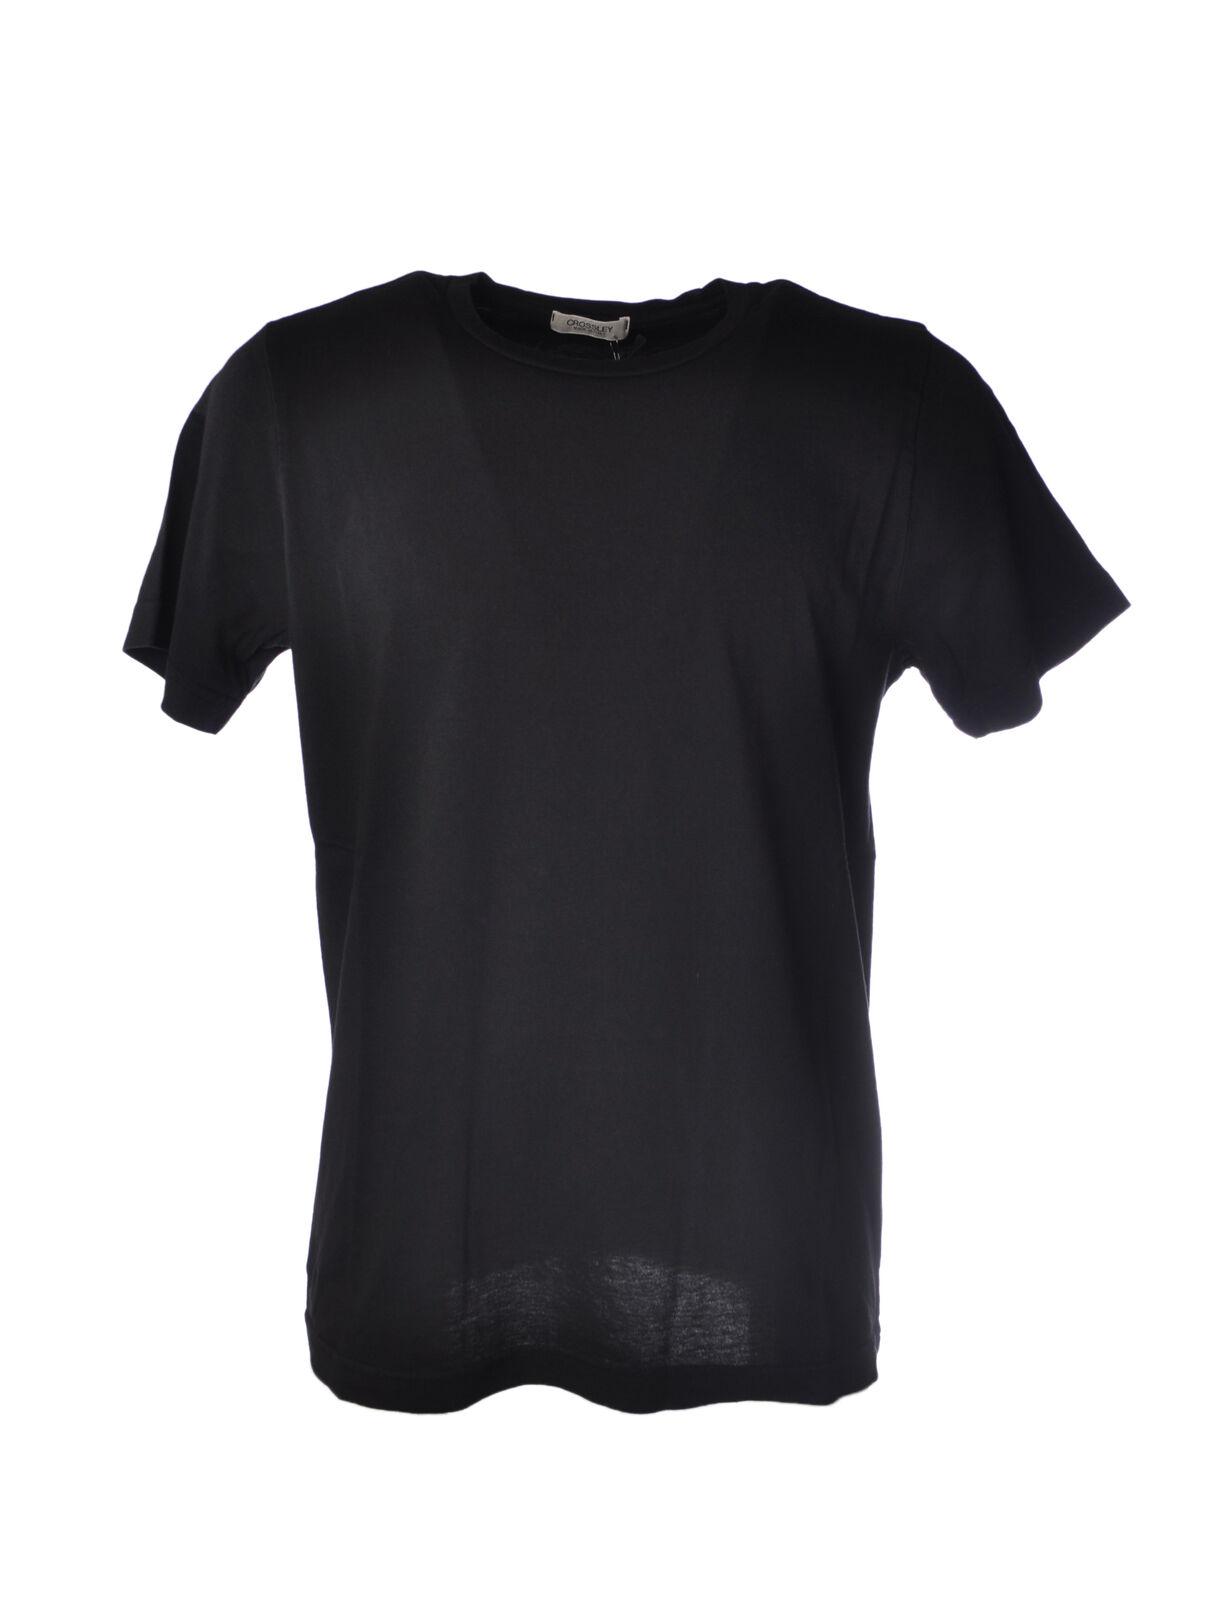 CROSSLEY - Topwear-T-shirts -  Herren - Nero - 5029606C183926